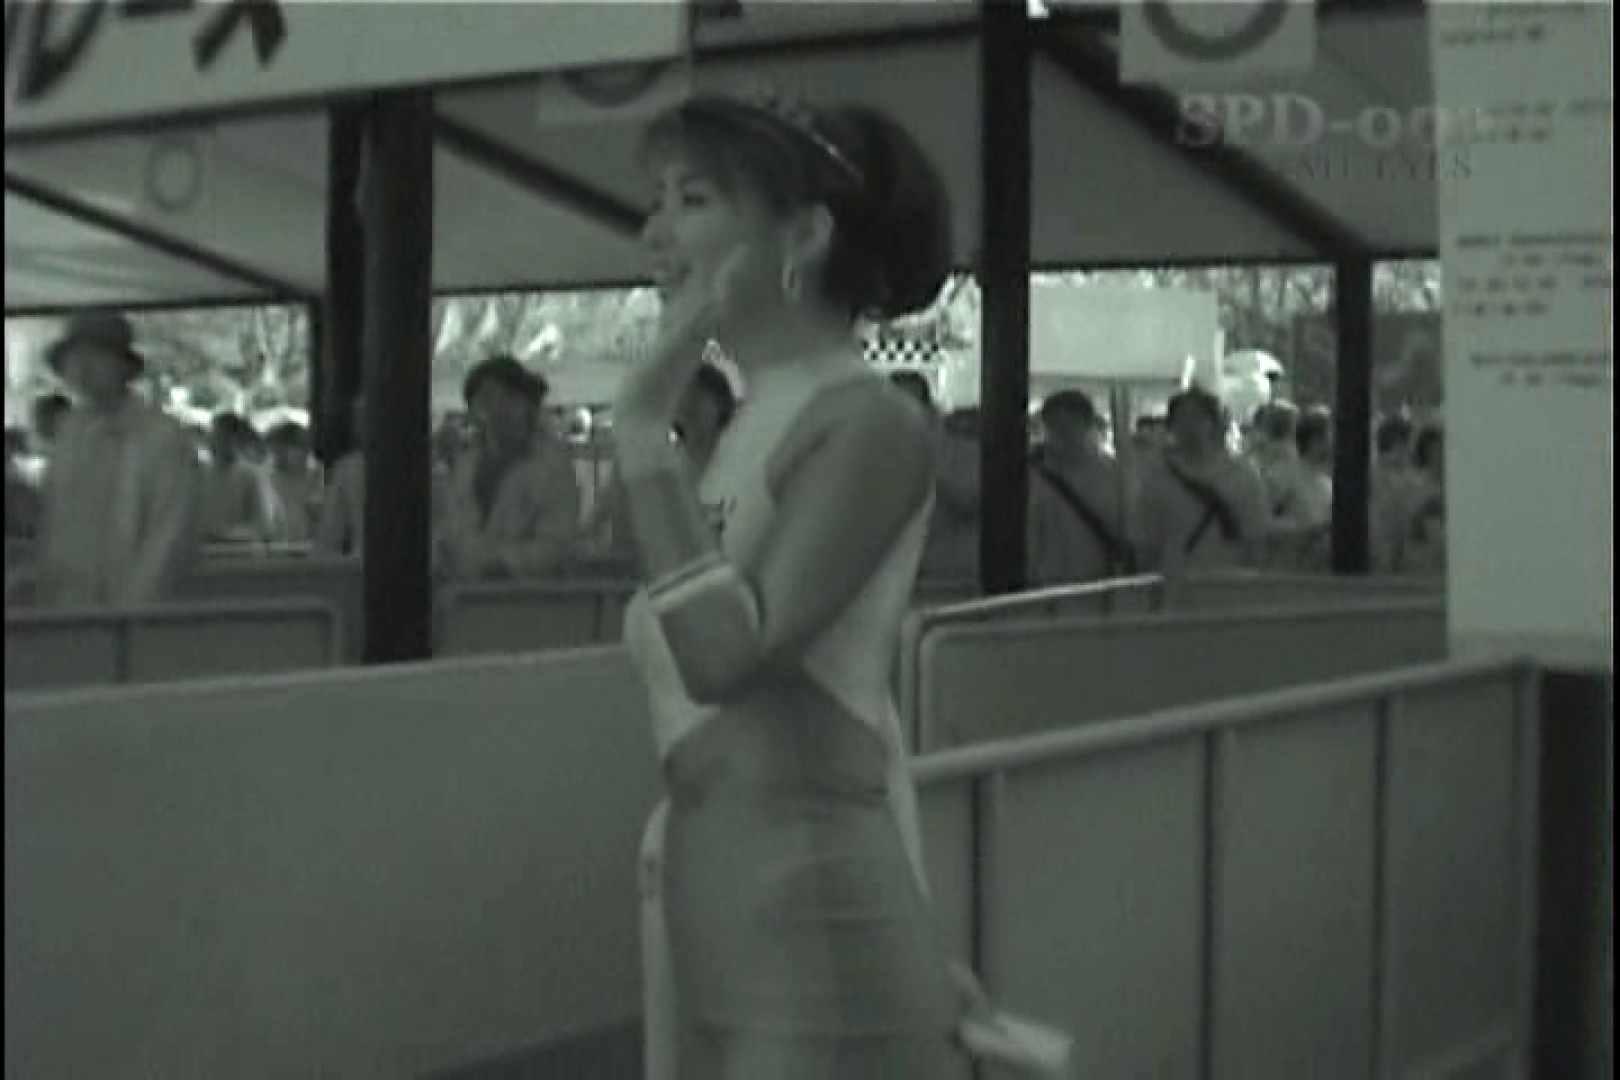 高画質版!SPD-002 レースクイーン 赤外線&盗撮 プライベート アダルト動画キャプチャ 92連発 69